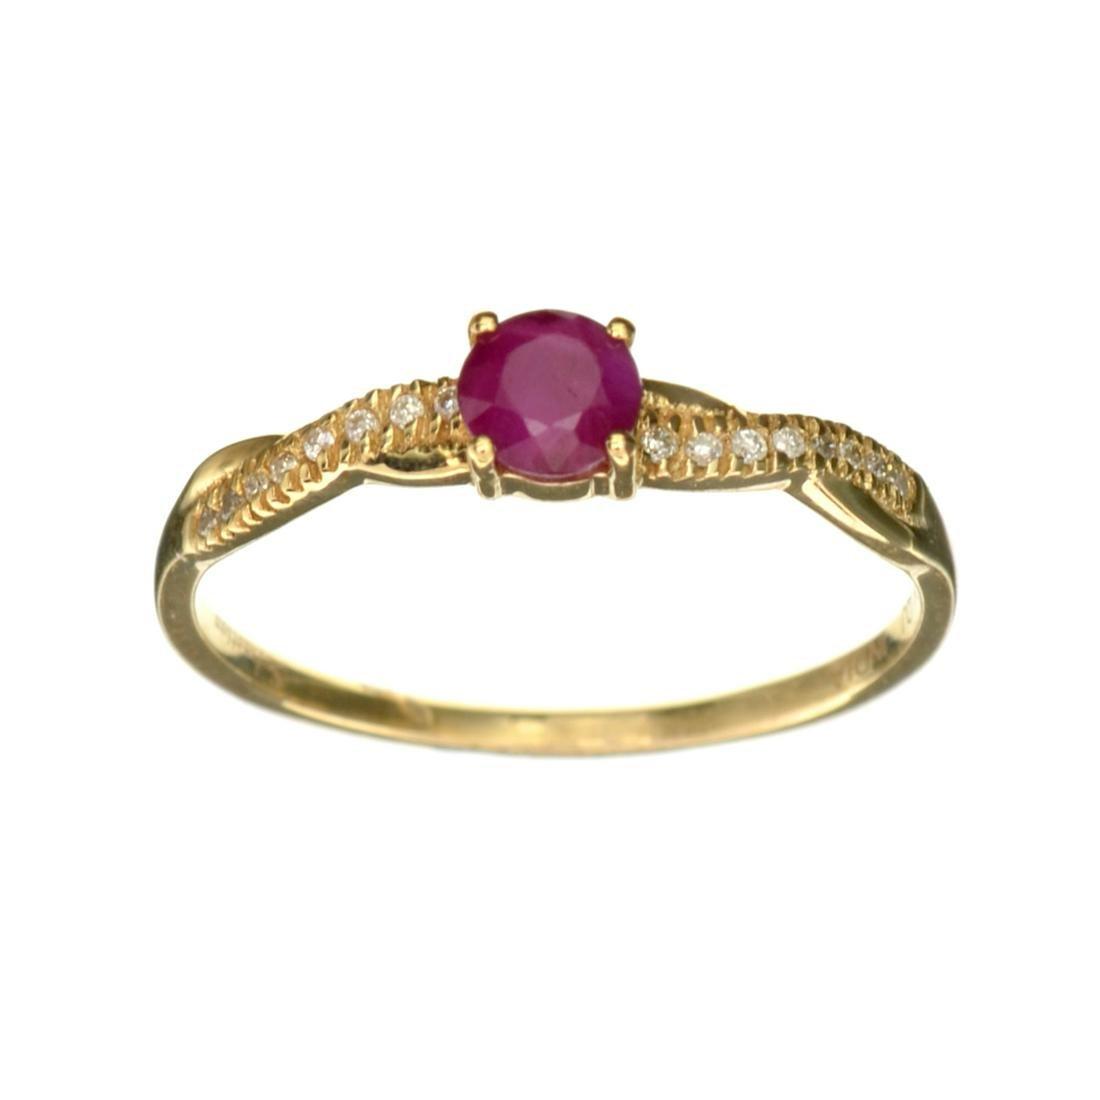 APP: 0.6k Fine Jewelry Designer Sebastian 14 KT Gold,